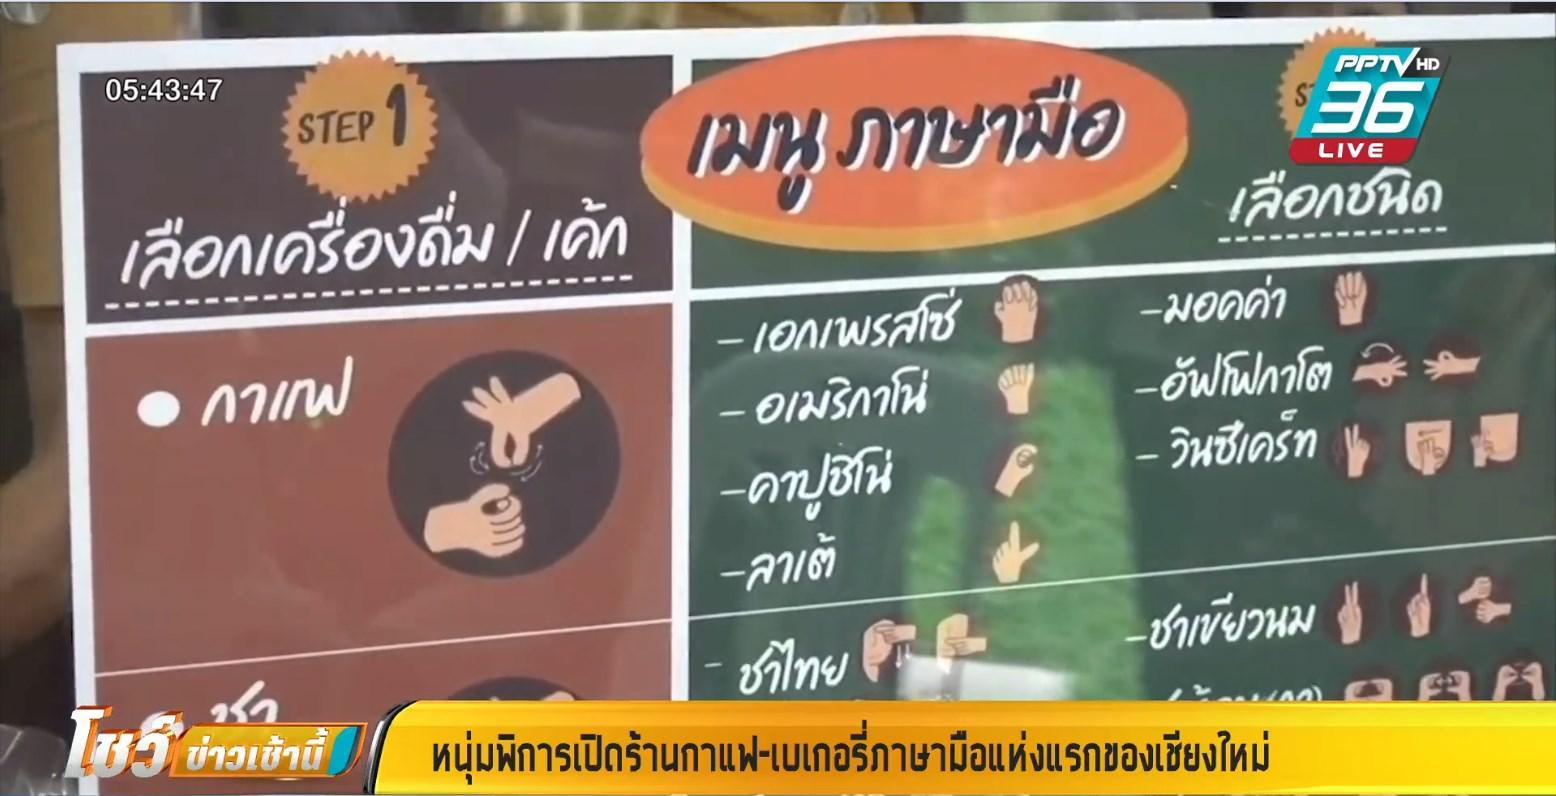 หนุ่มพิการ เปิดร้านกาแฟ-เบเกอรี่ ภาษามือแห่งแรกของเชียงใหม่